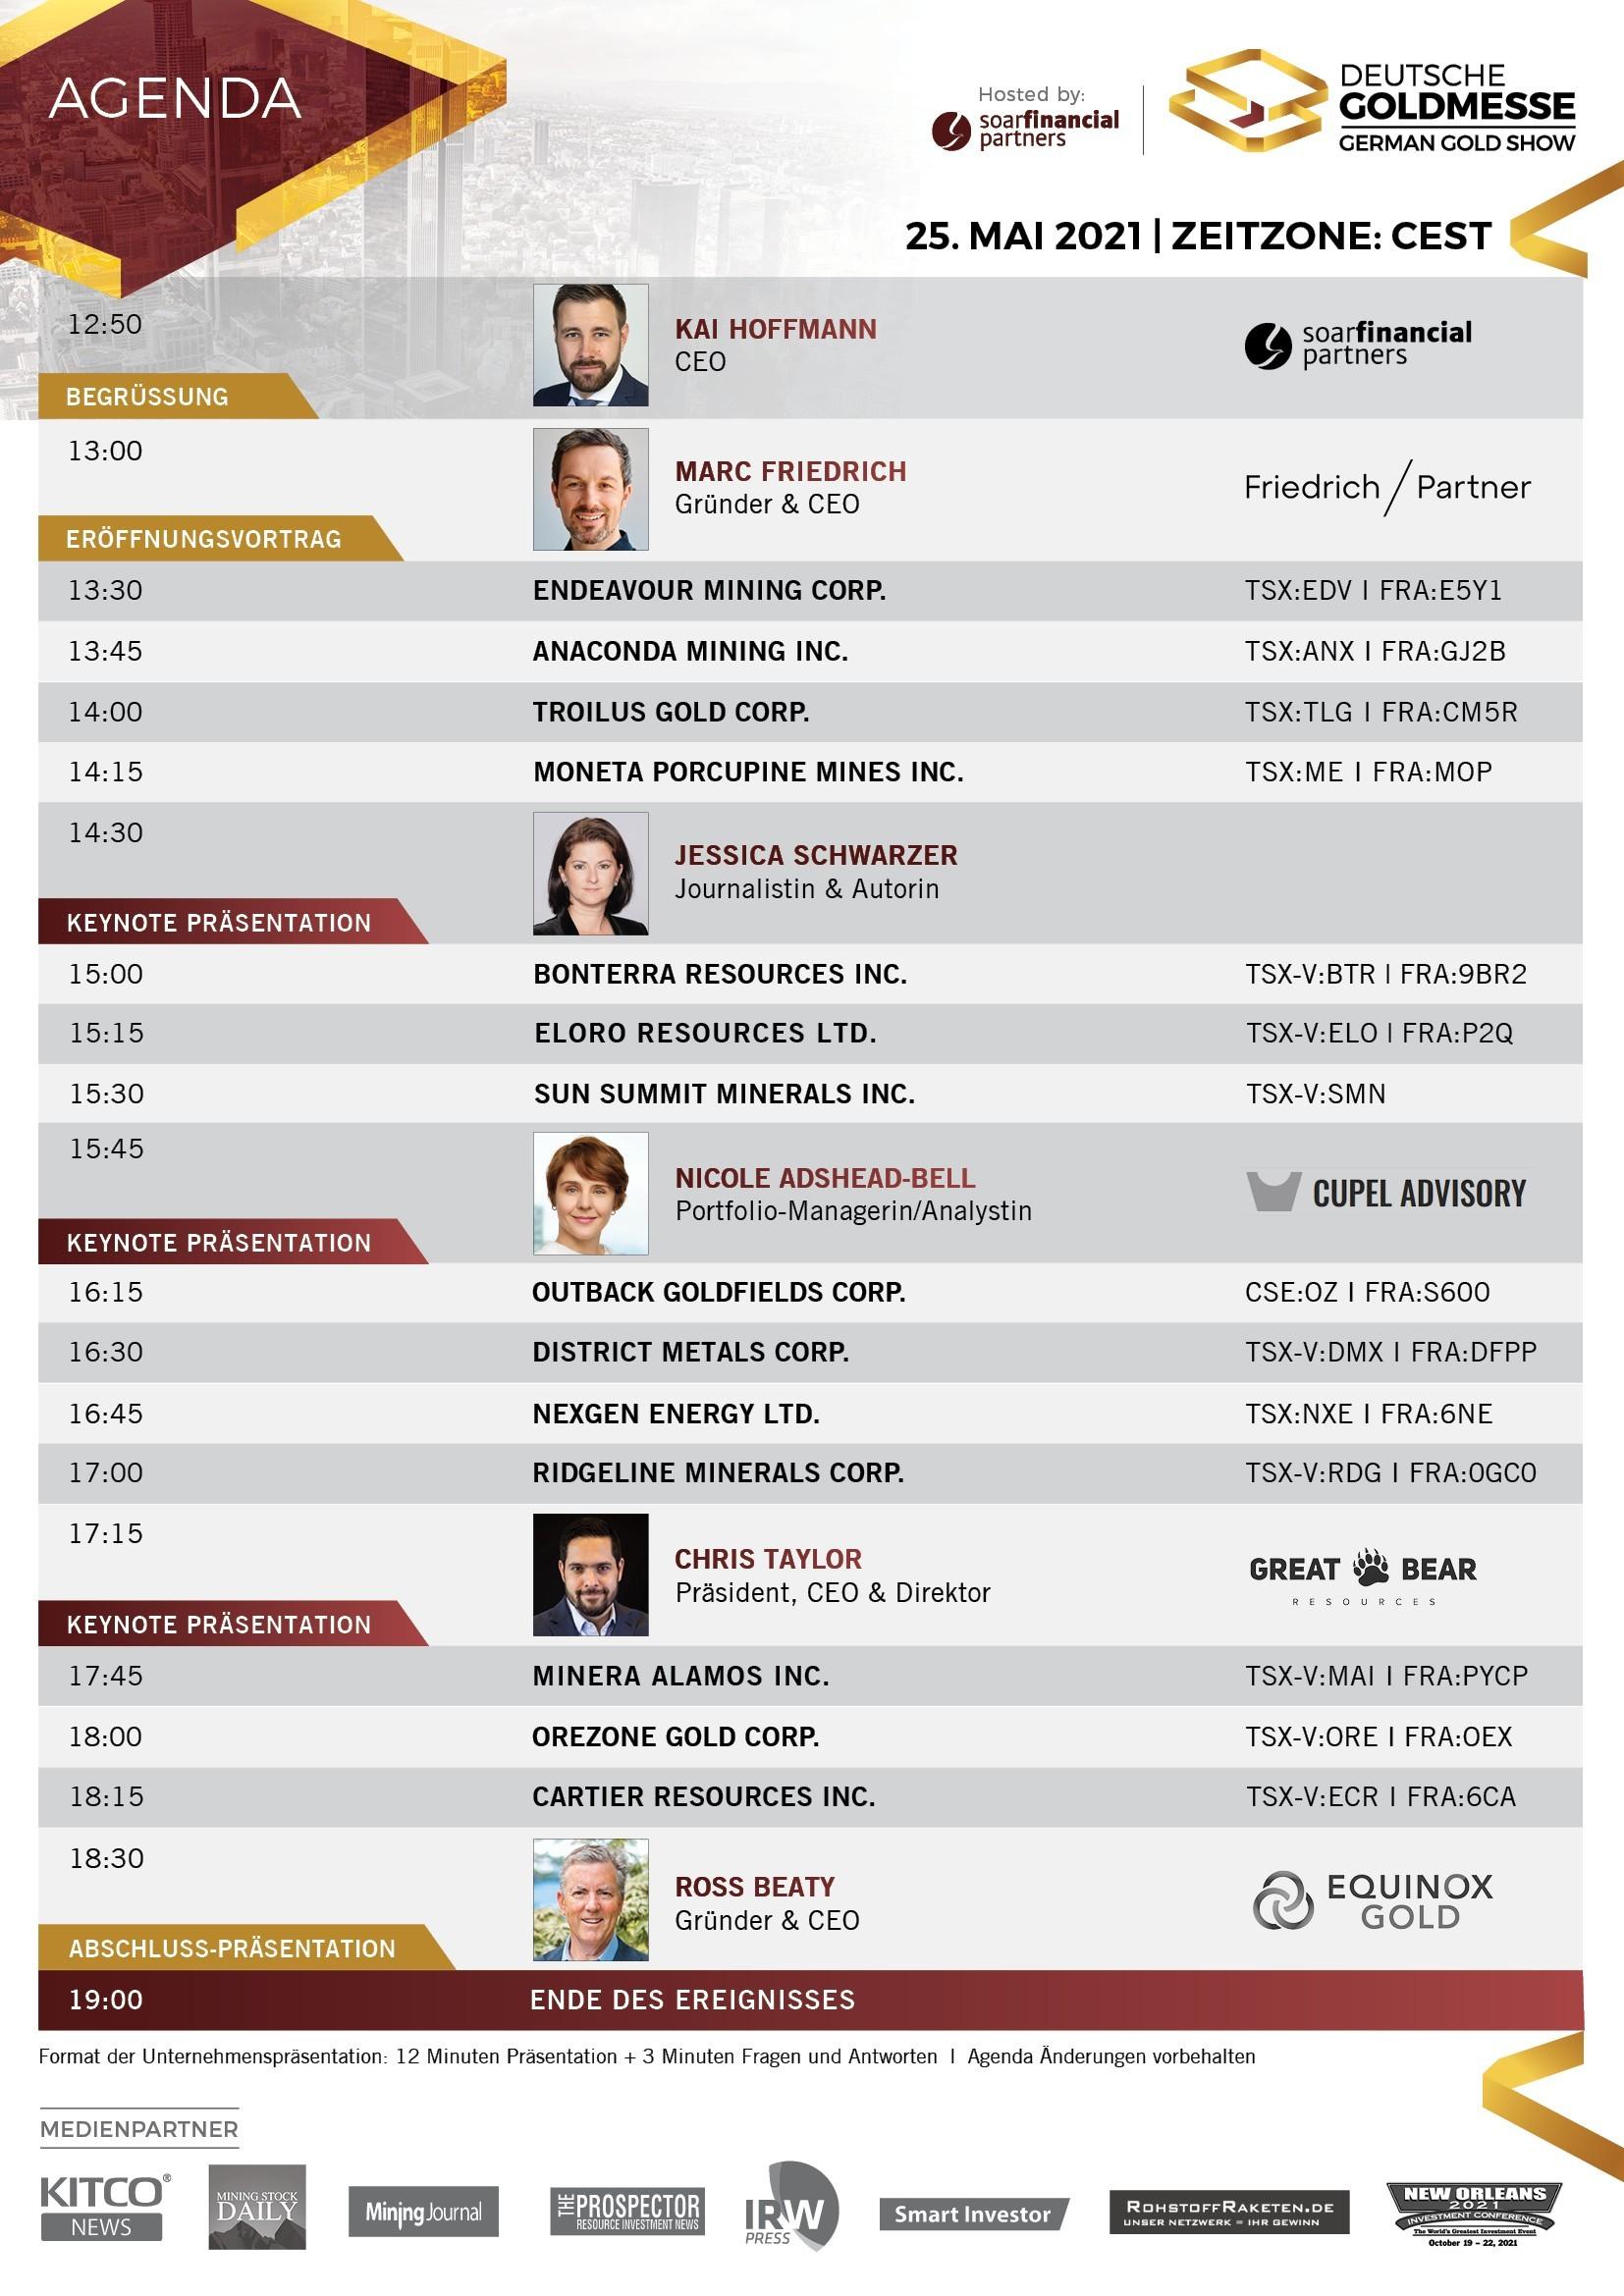 Deutsche-Goldmesse-05-2021-Agenda-GER